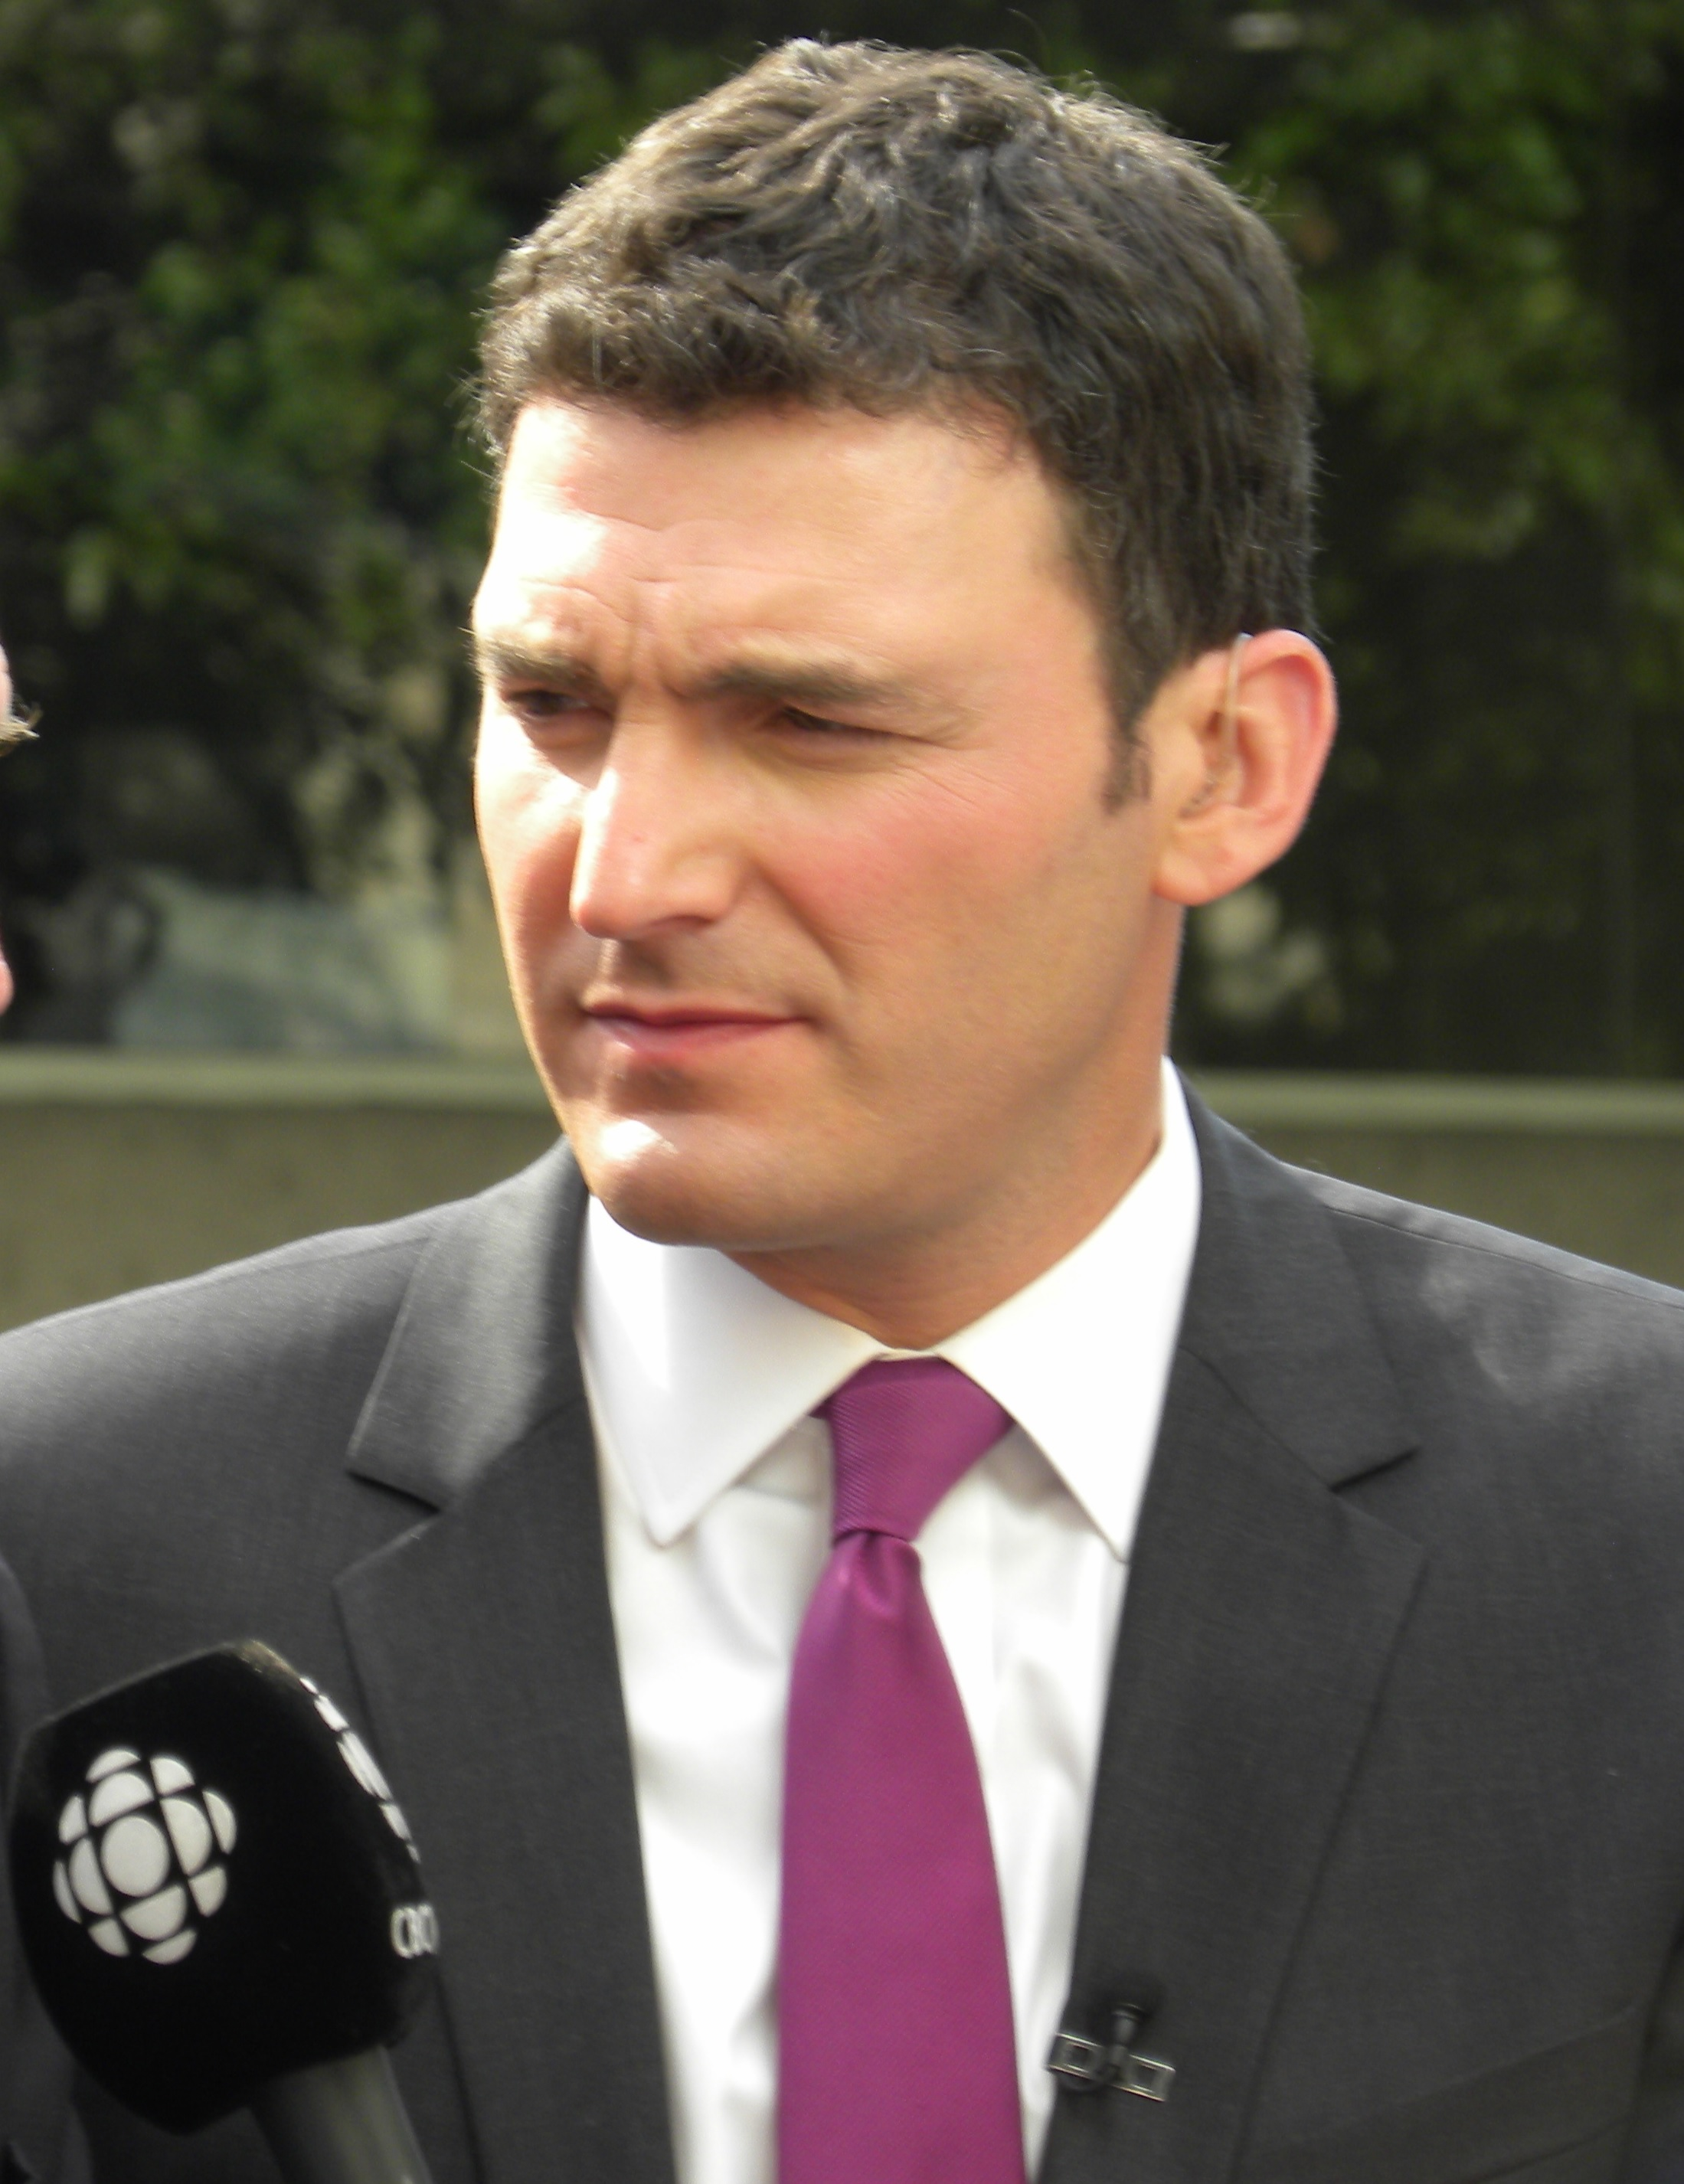 Evan Solomon, 2011